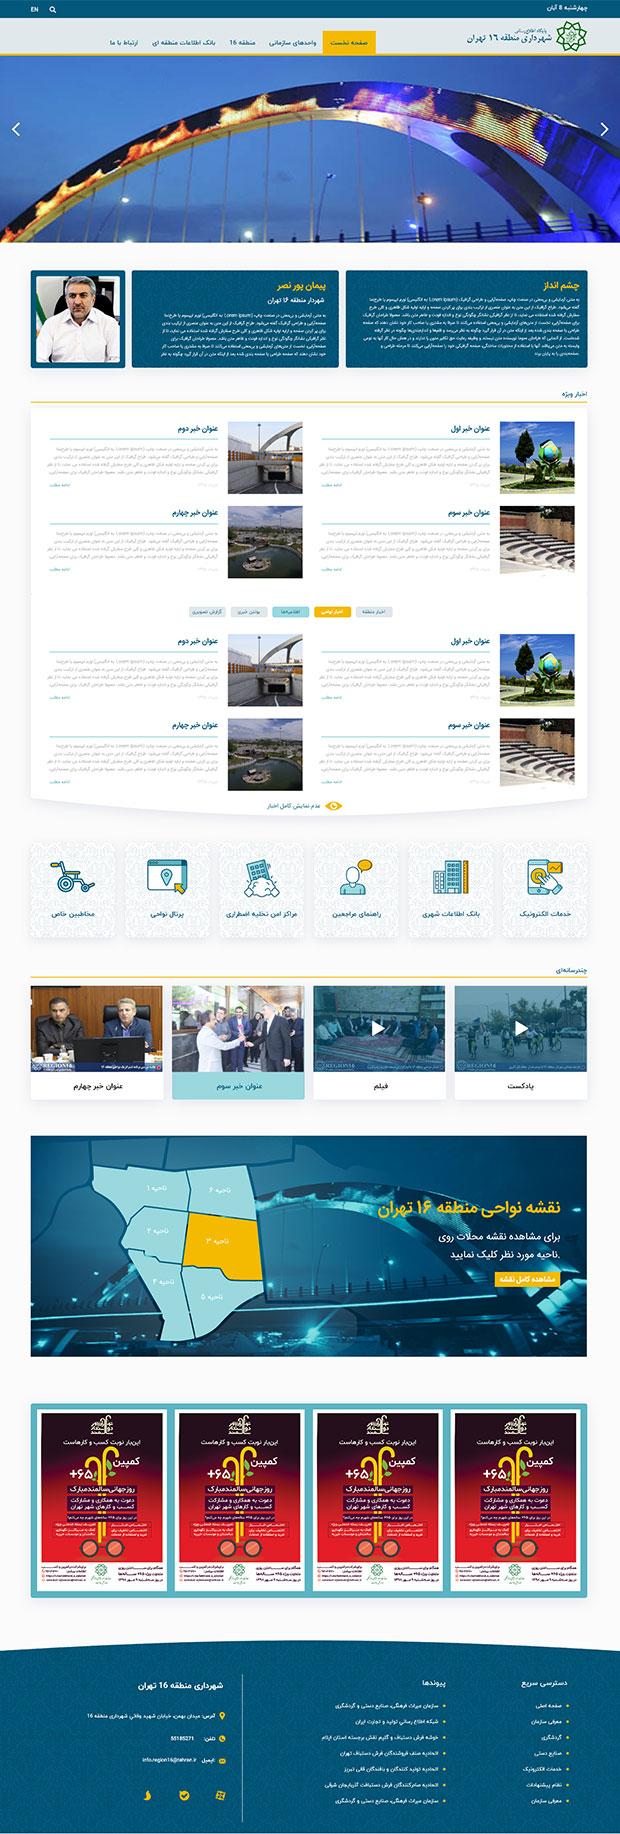 پرتال منطقه 16 شهرداری تهران